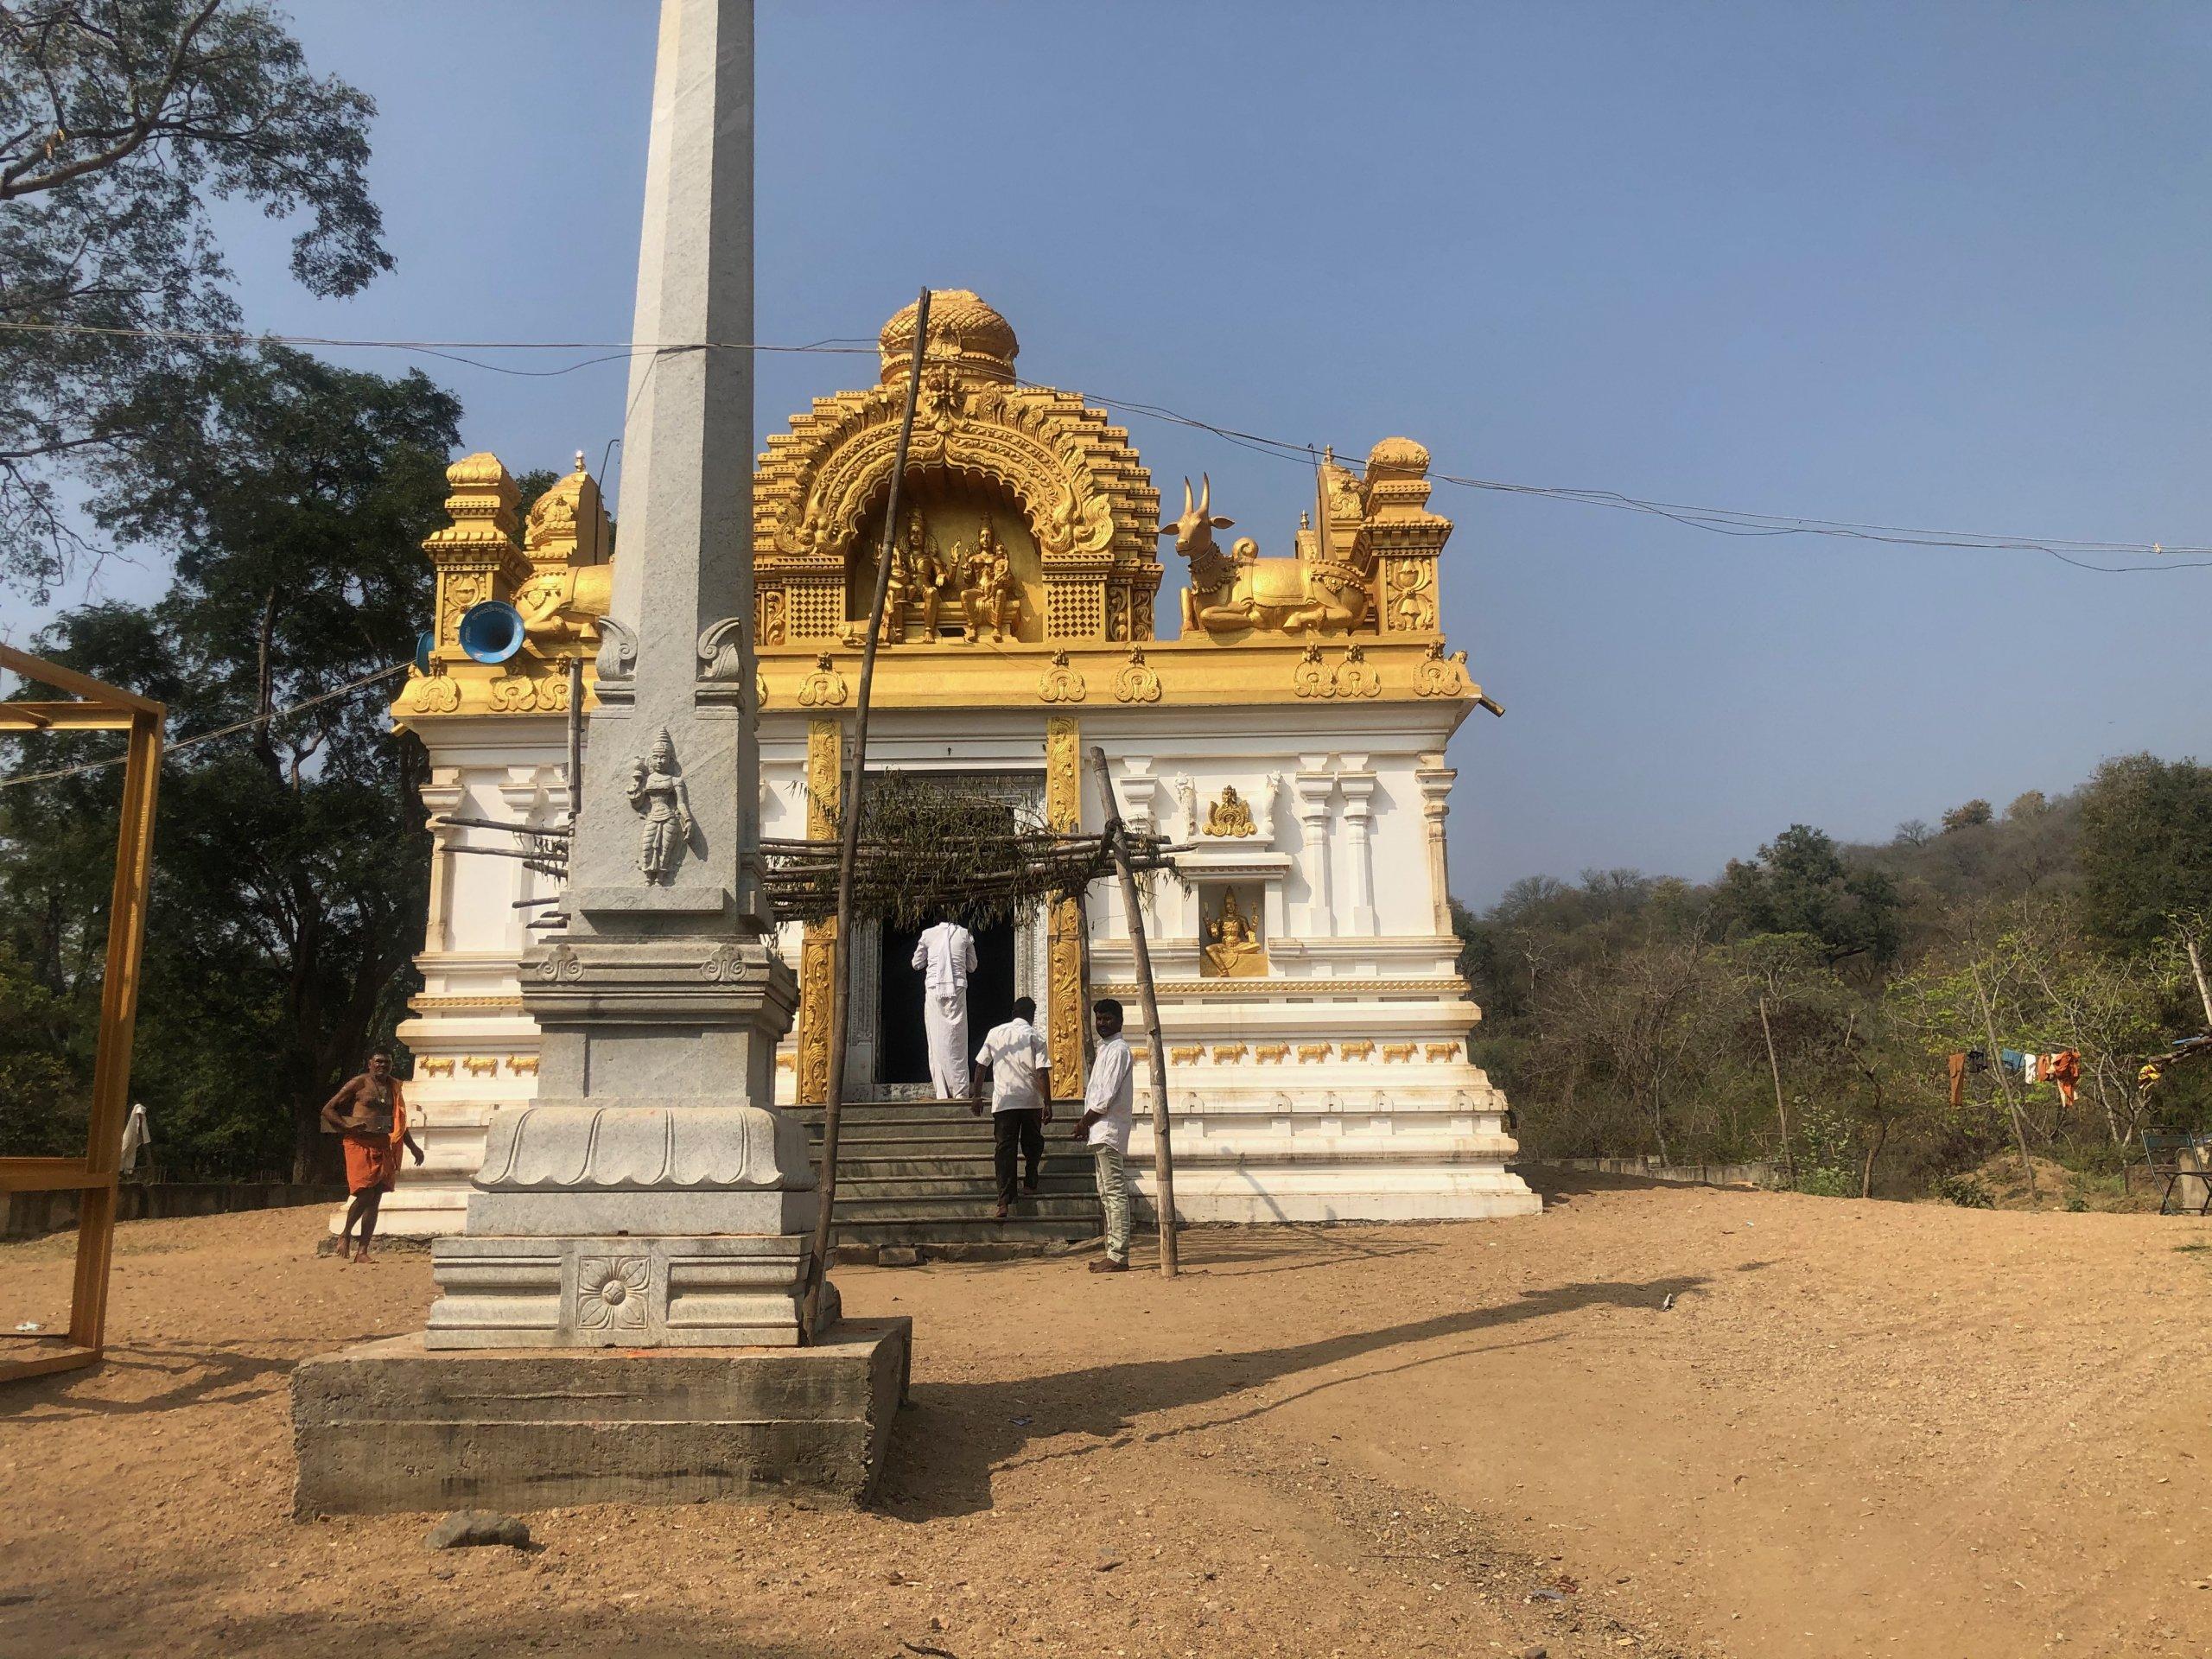 Dabbaguli Basaveshwara Swamy Temple